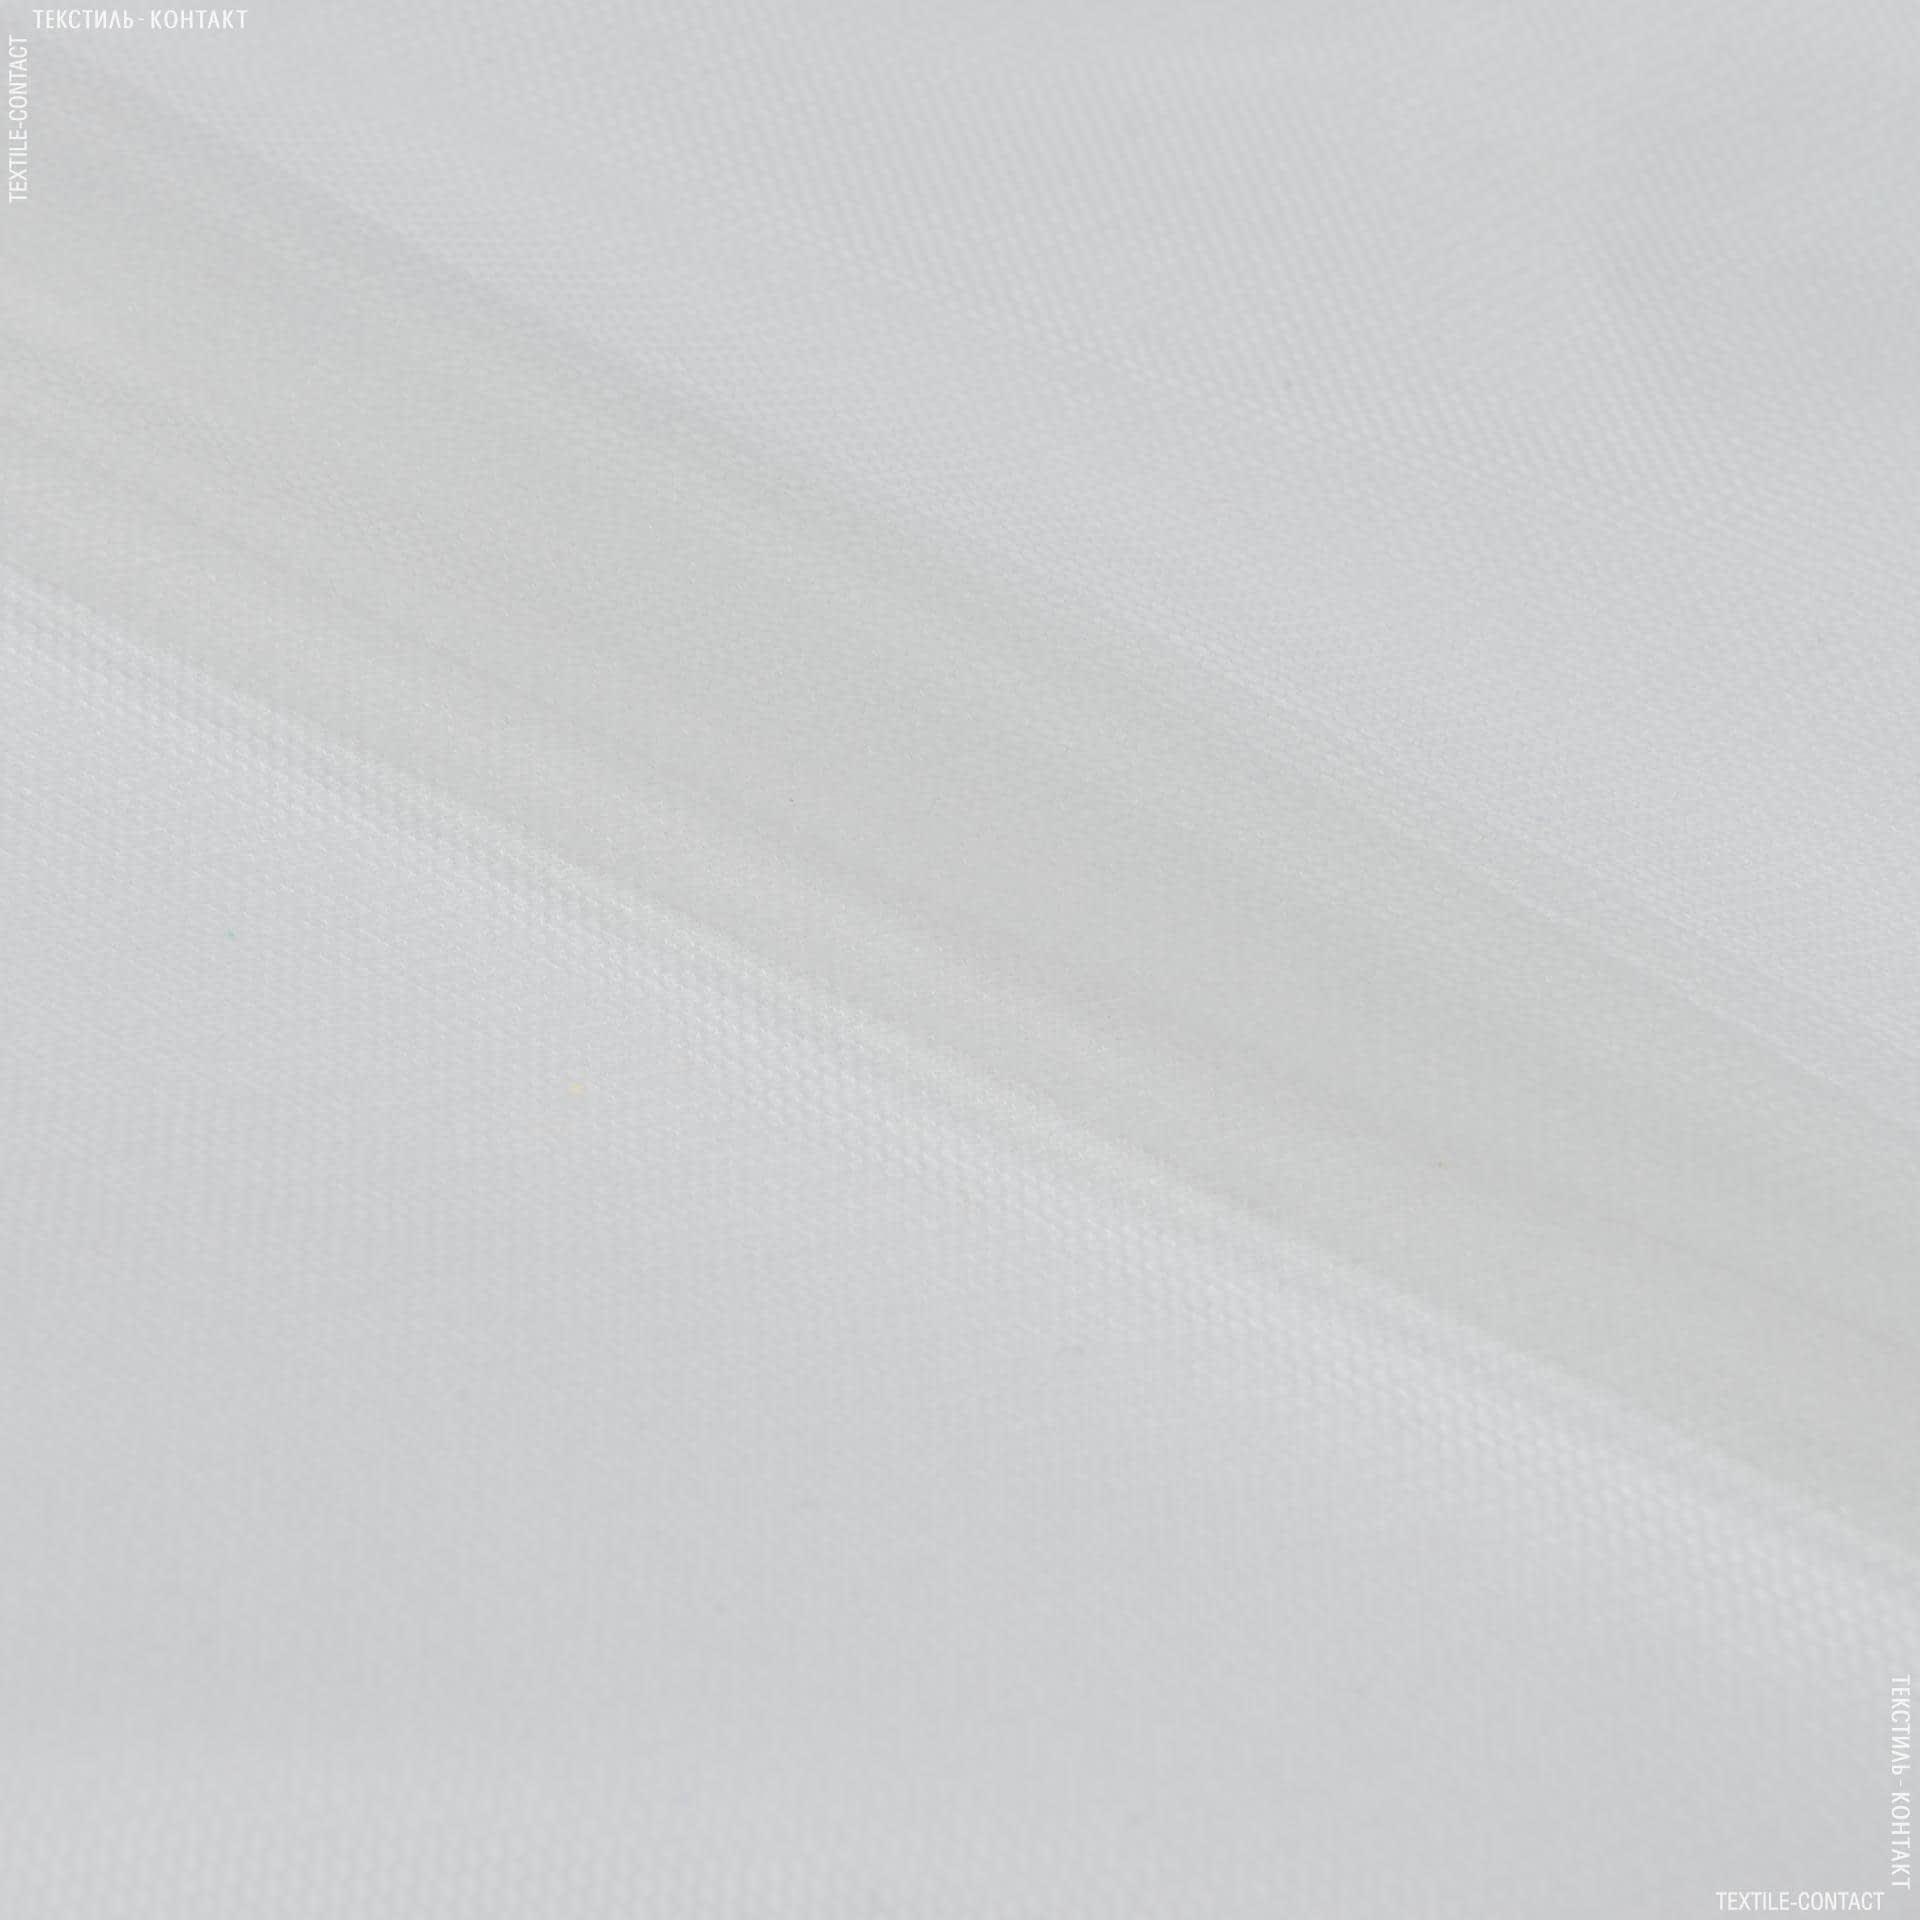 Тканини для суконь - Фатин м'який світло-молочний